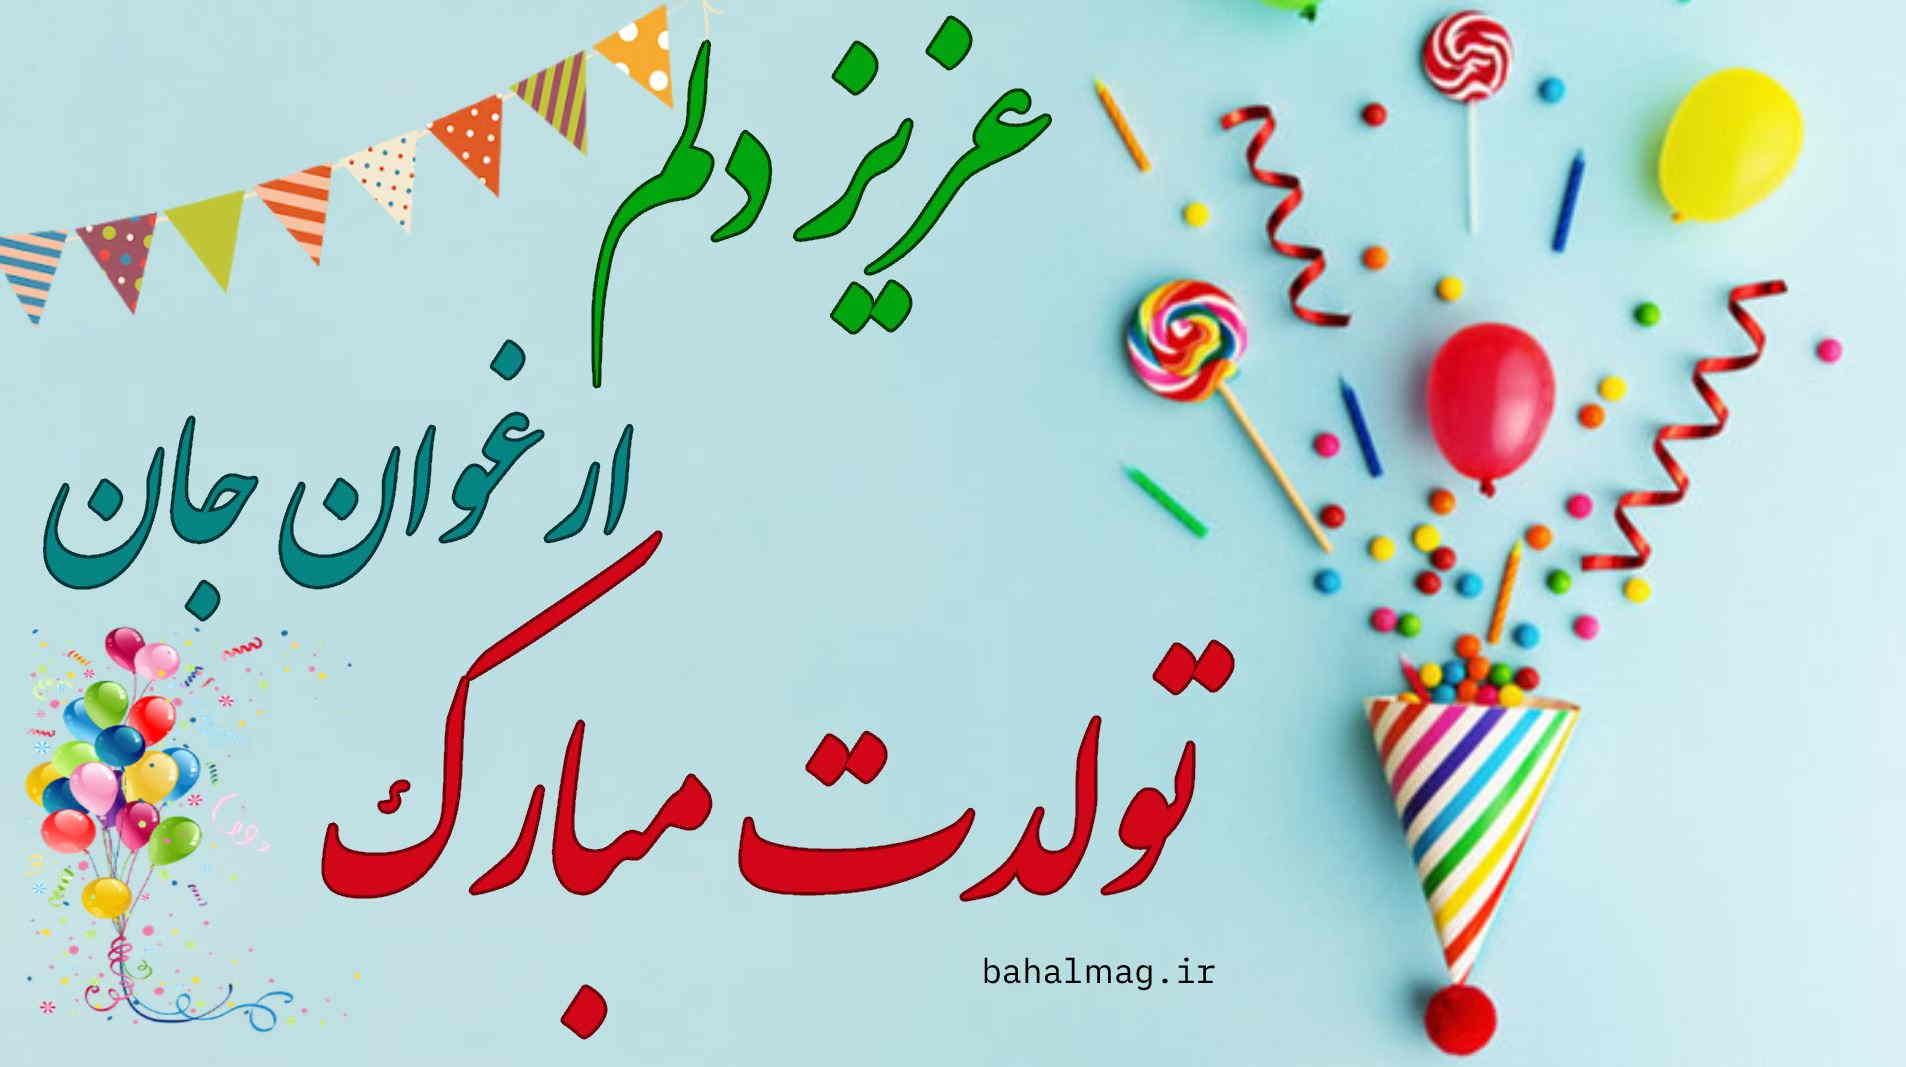 عزیز دلم ارغوانم تولدت مبارک